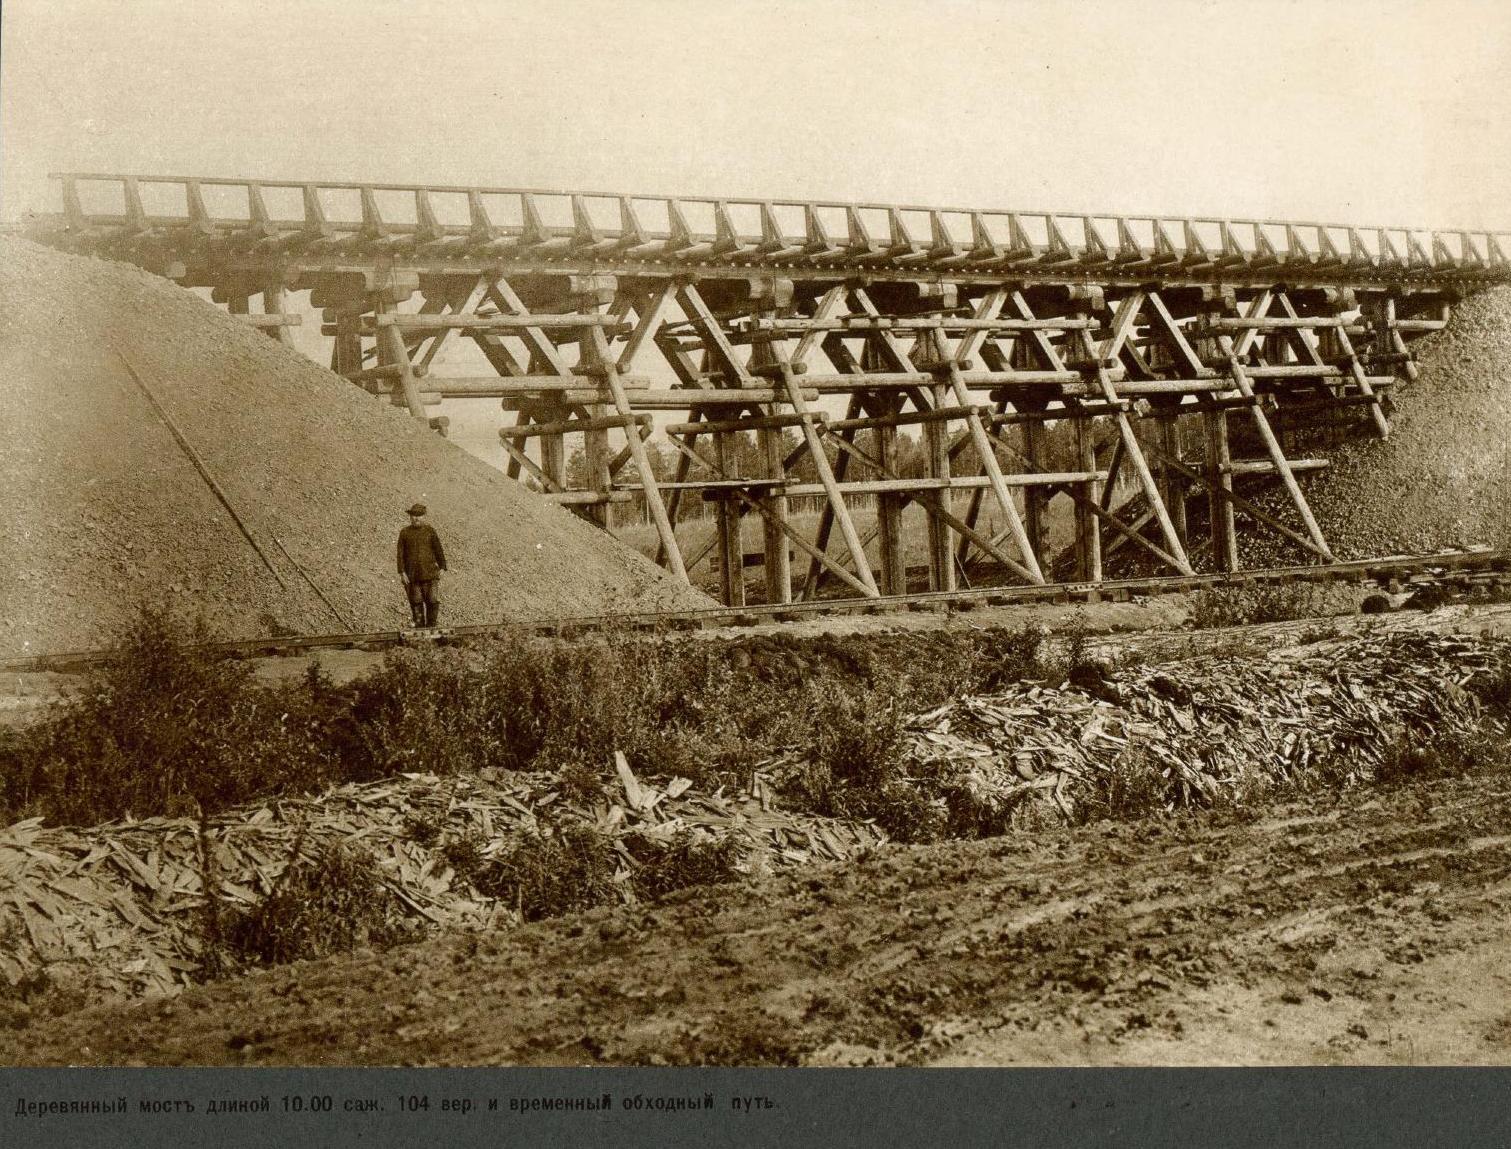 104 верста. Деревянный мост длиной 10 00 саж и временный обходной путь